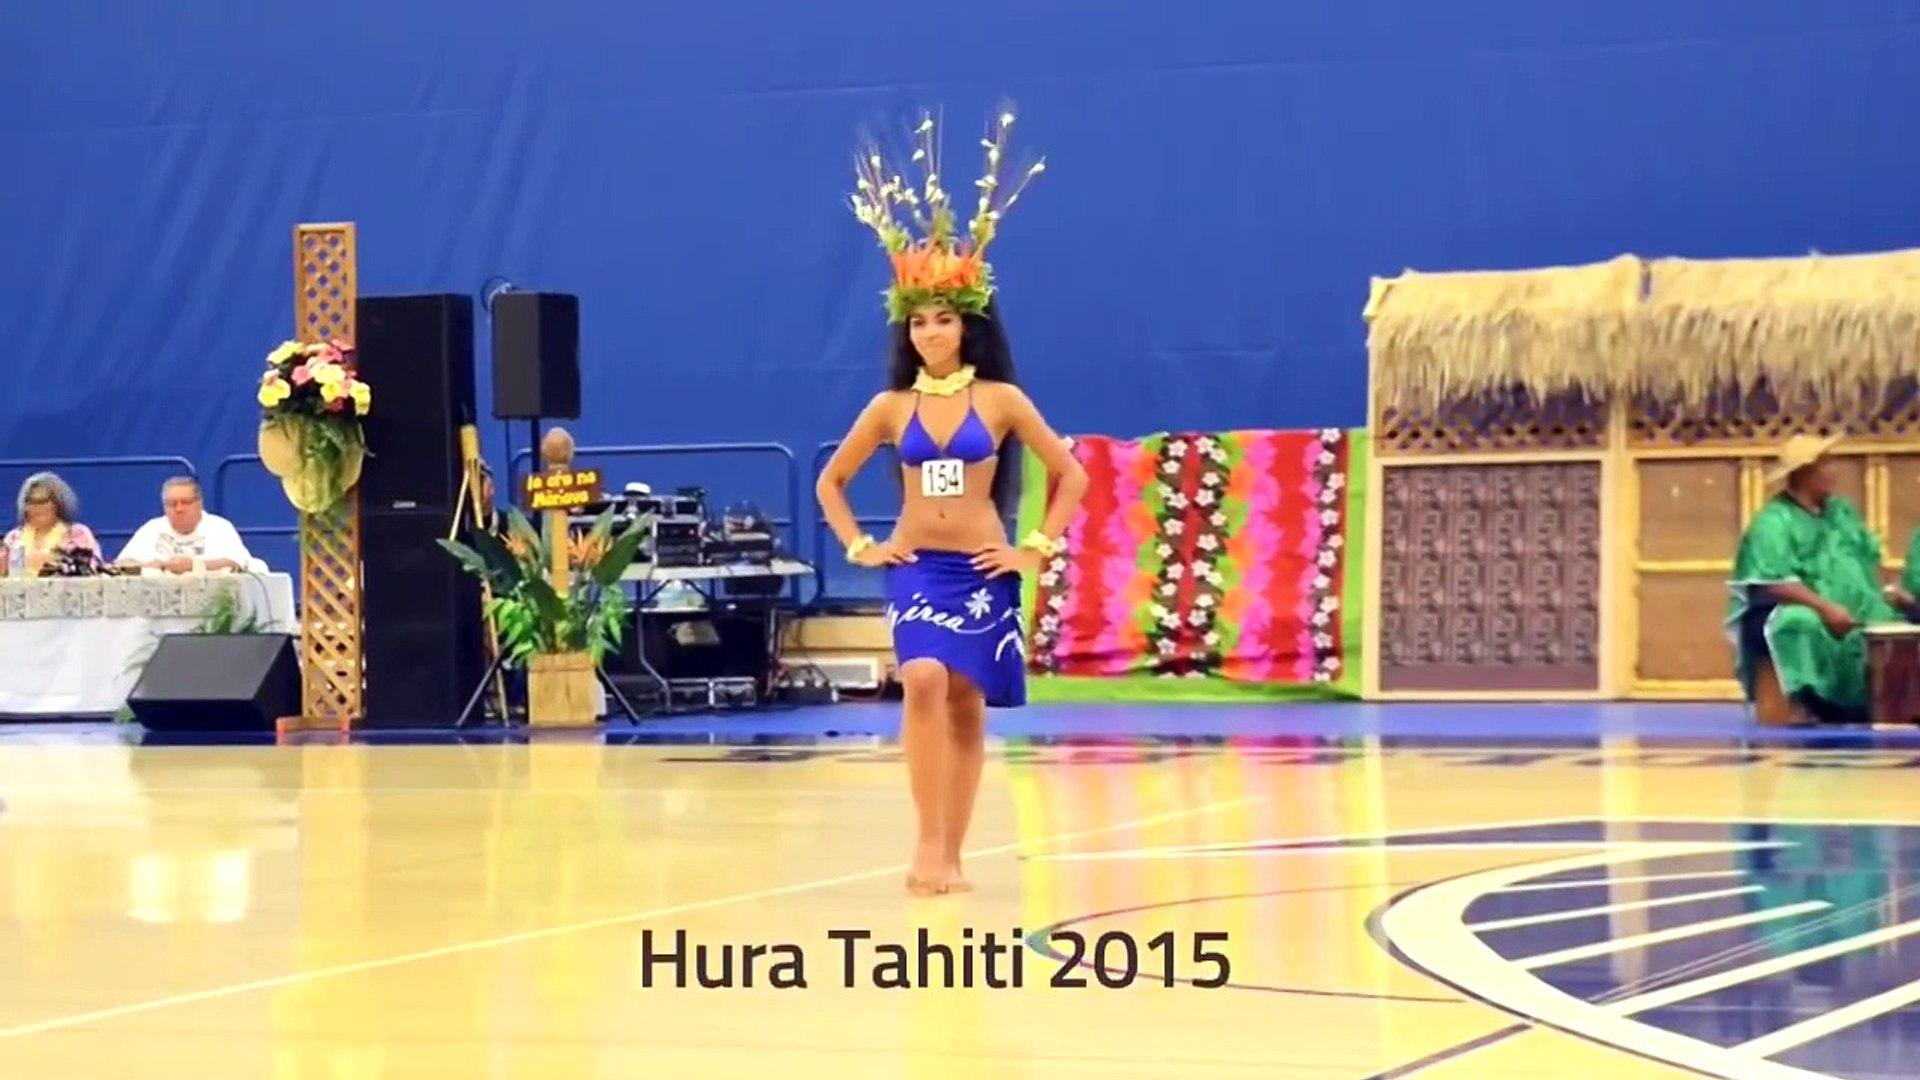 Виртуозное исполнение таитянского танца )) Такого я еще не видела, офигеть не встать!